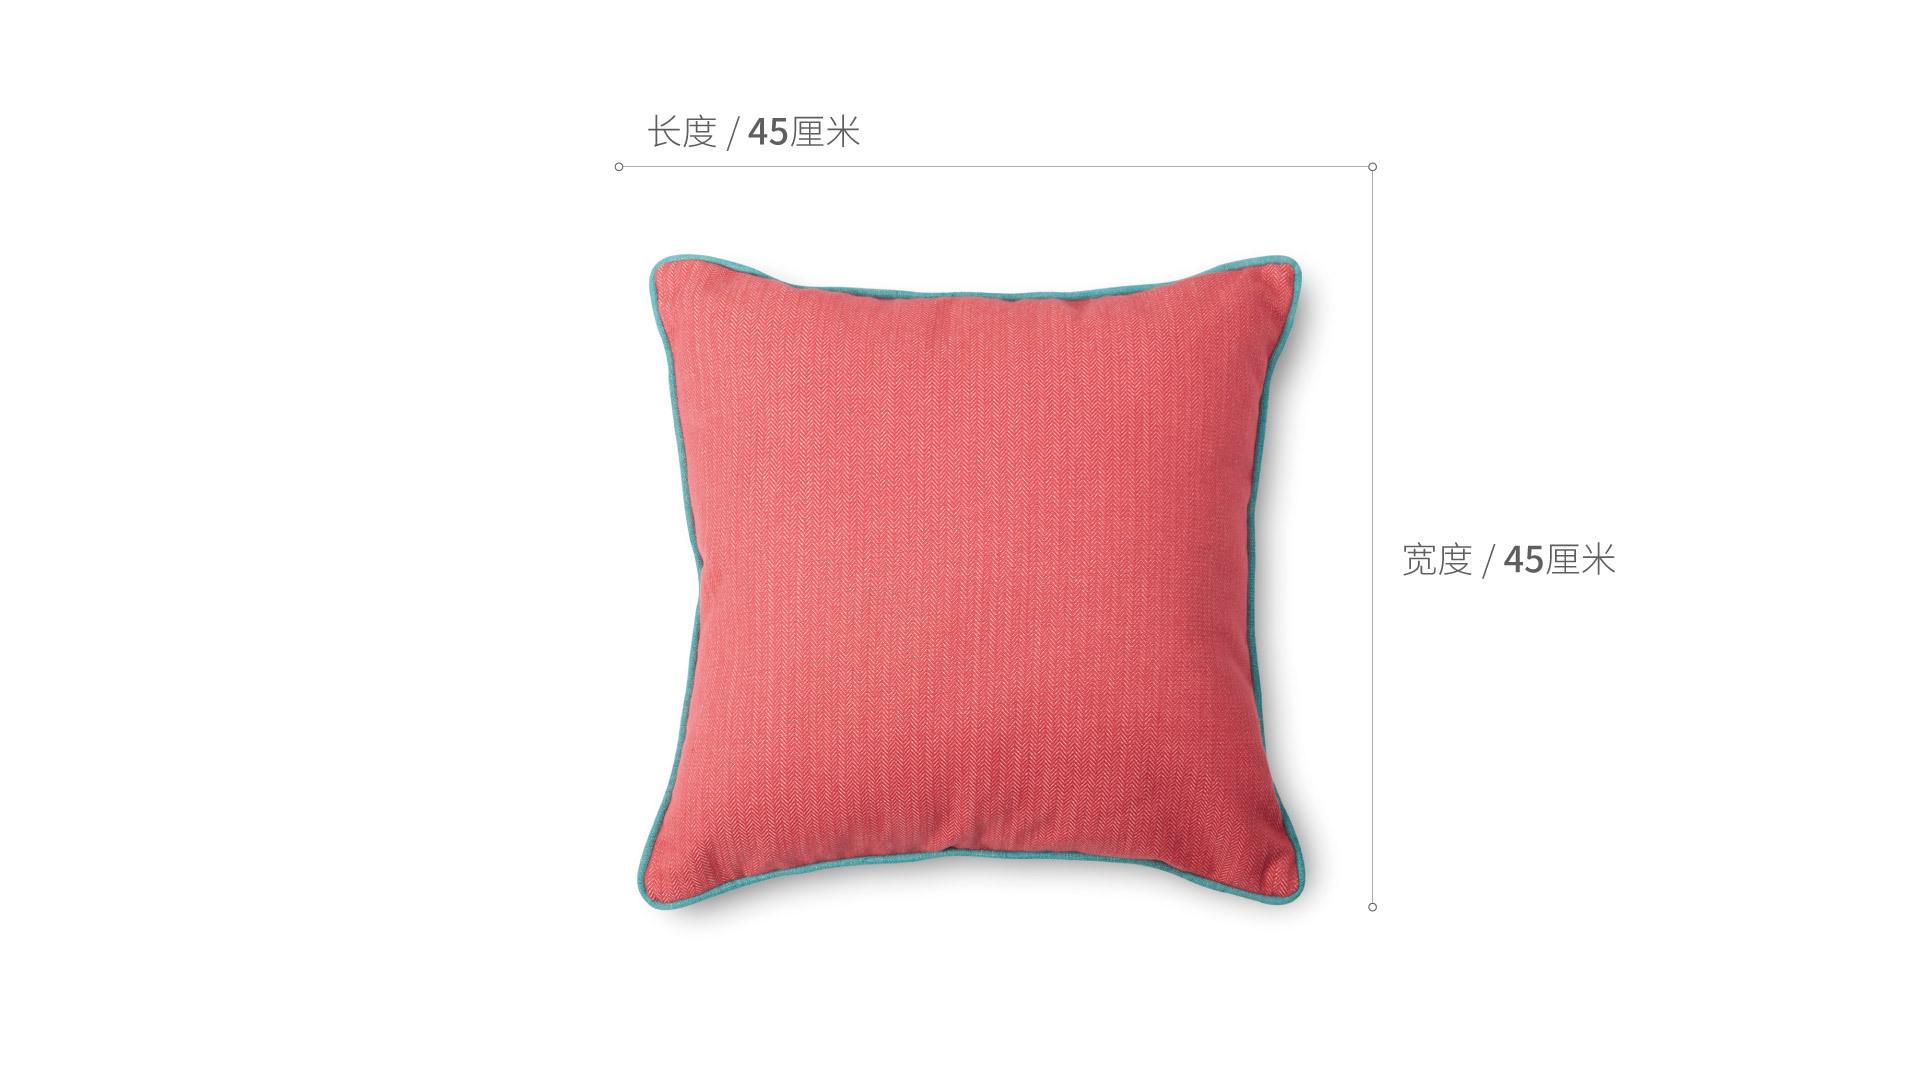 作业本-抱枕作业本-抱枕家纺效果图